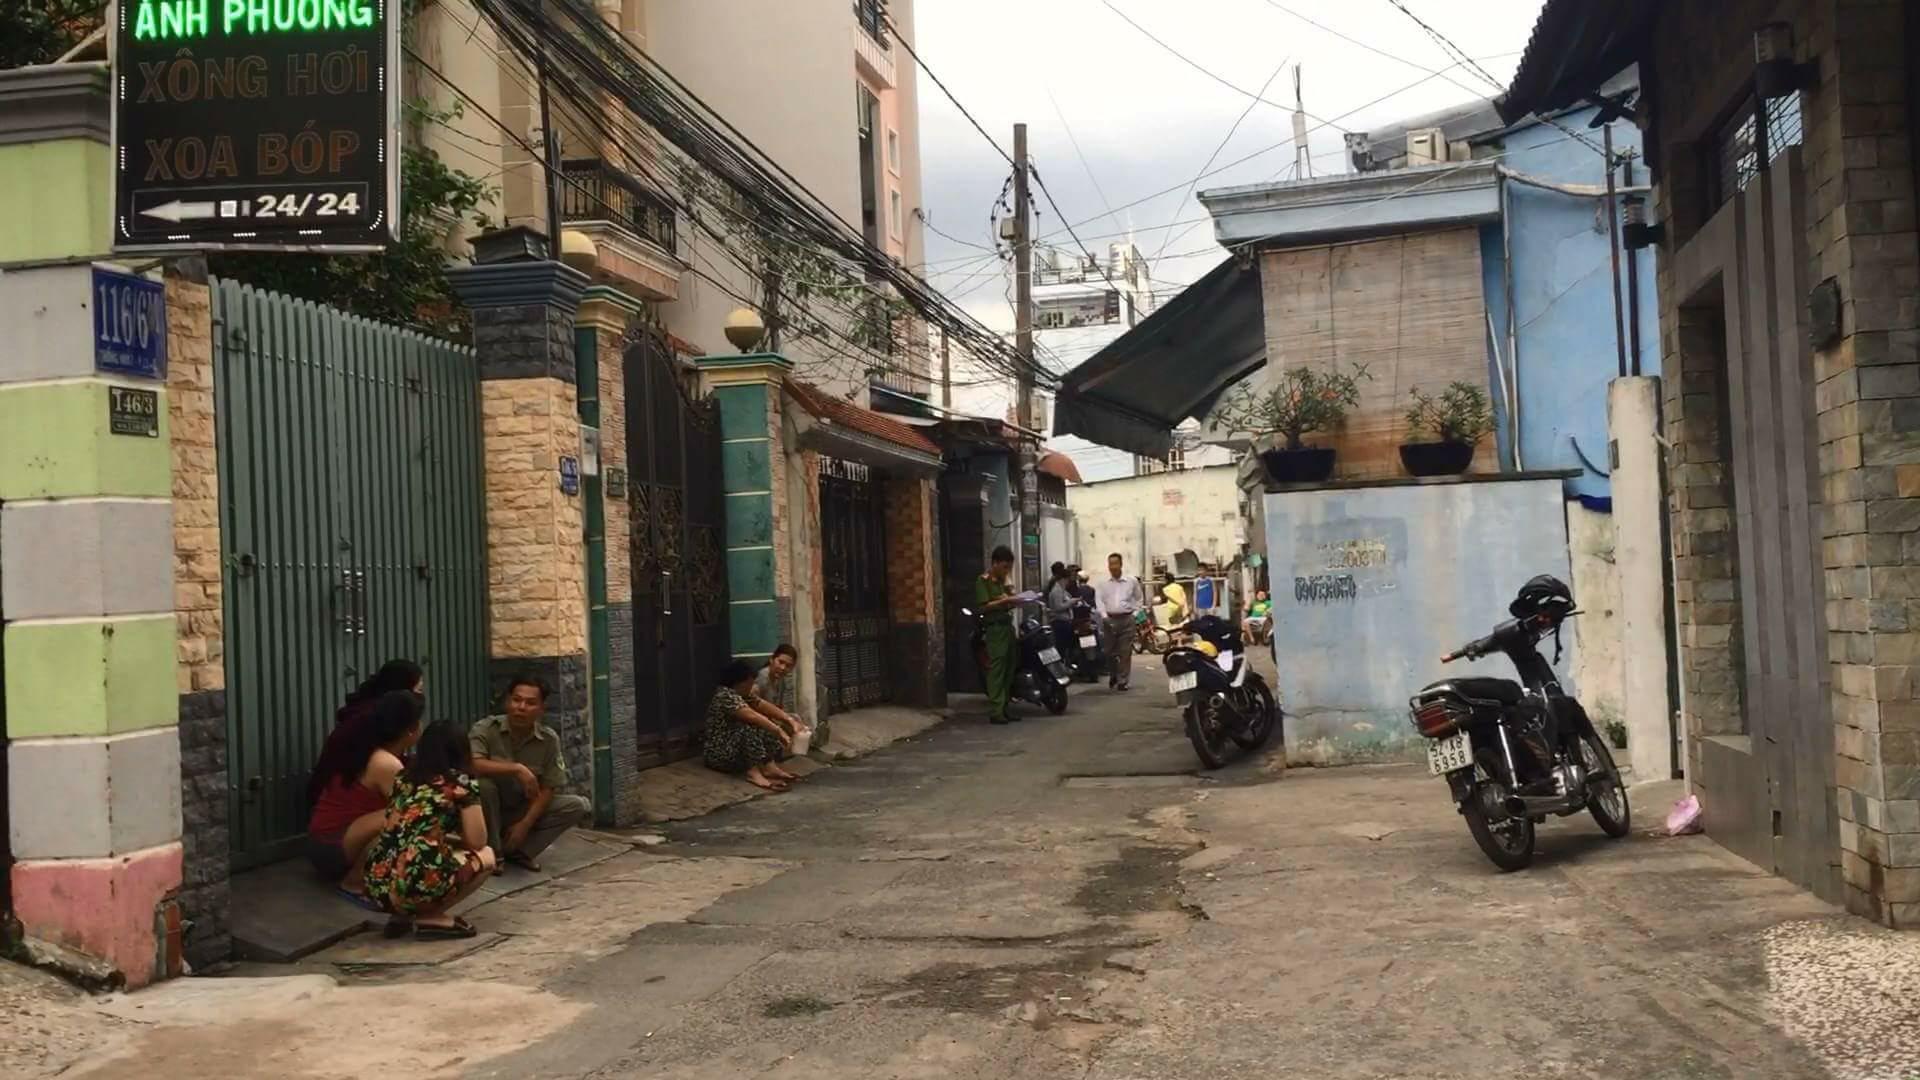 """Mẹ của cô gái bị bạn trai cũ giết hại rồi phân xác ở Sài Gòn: """"Tôi từng mua xe và mở cửa hàng cho nó, sao nó nỡ nhẫn tâm với con tôi"""" - Ảnh 6."""